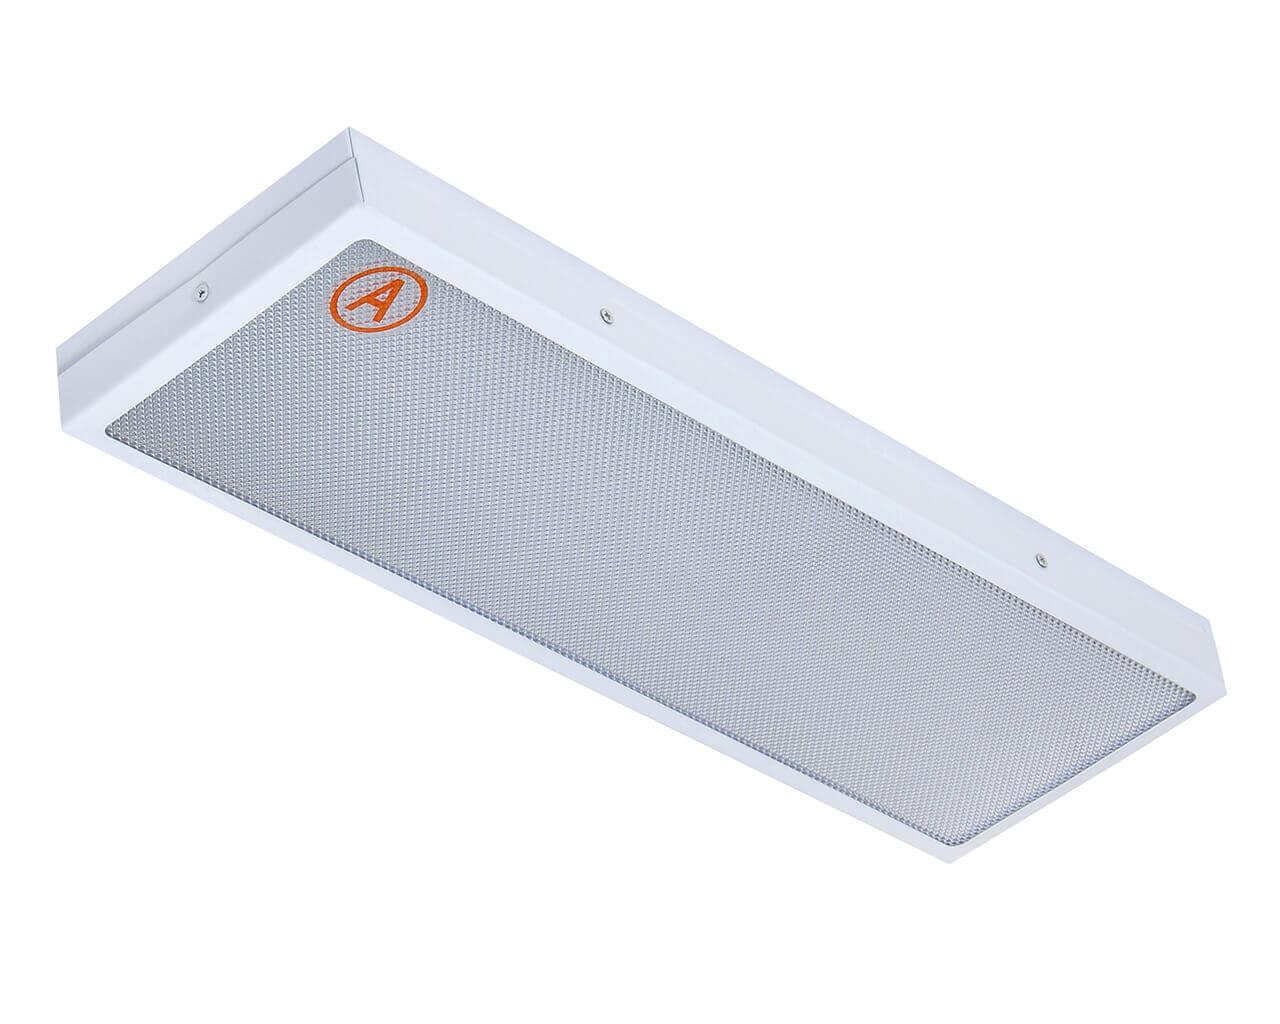 Универсальный светильник LC-SIP-40К-WW 595x180 IP65 Теплый белый Призма с Бап 3 часа